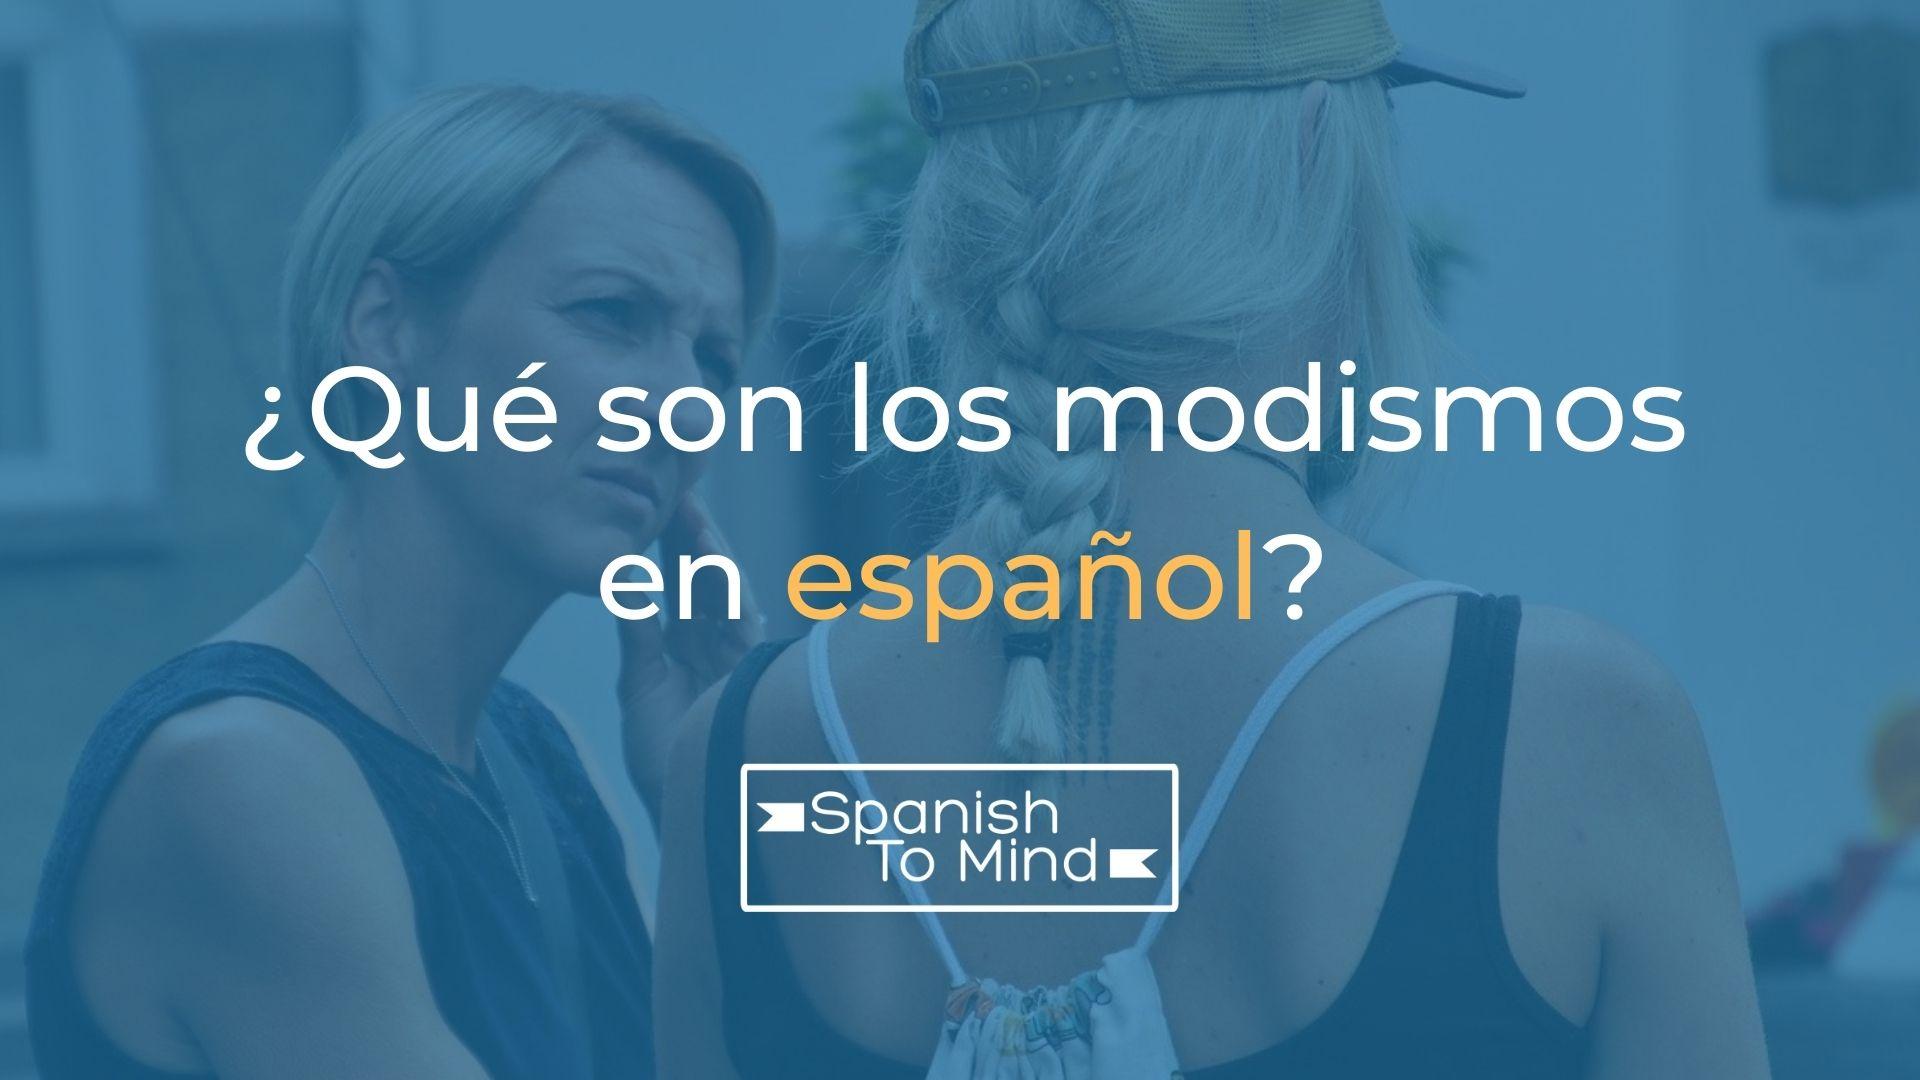 qué son los modismos en espanol cover photo